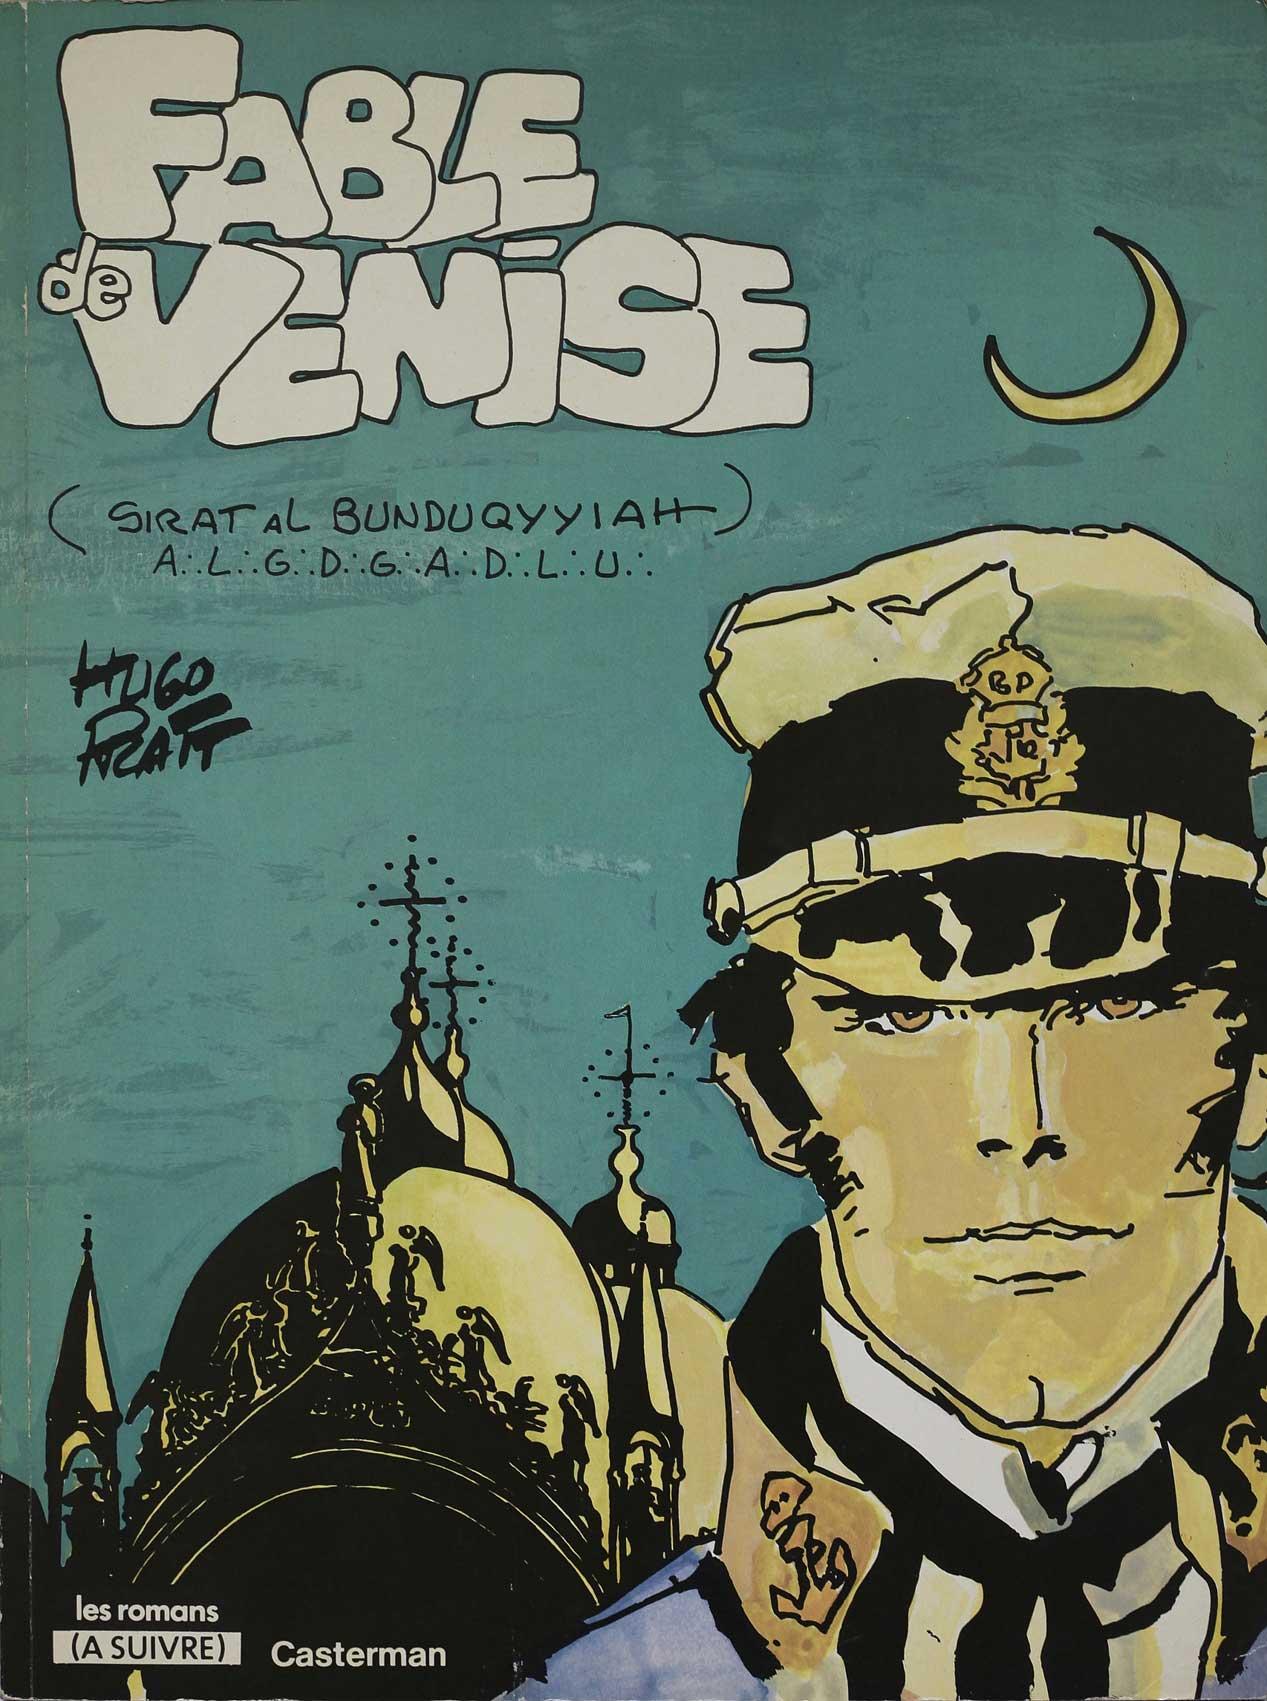 Fable de Venise, Hugo Pratt, Casterman 1981